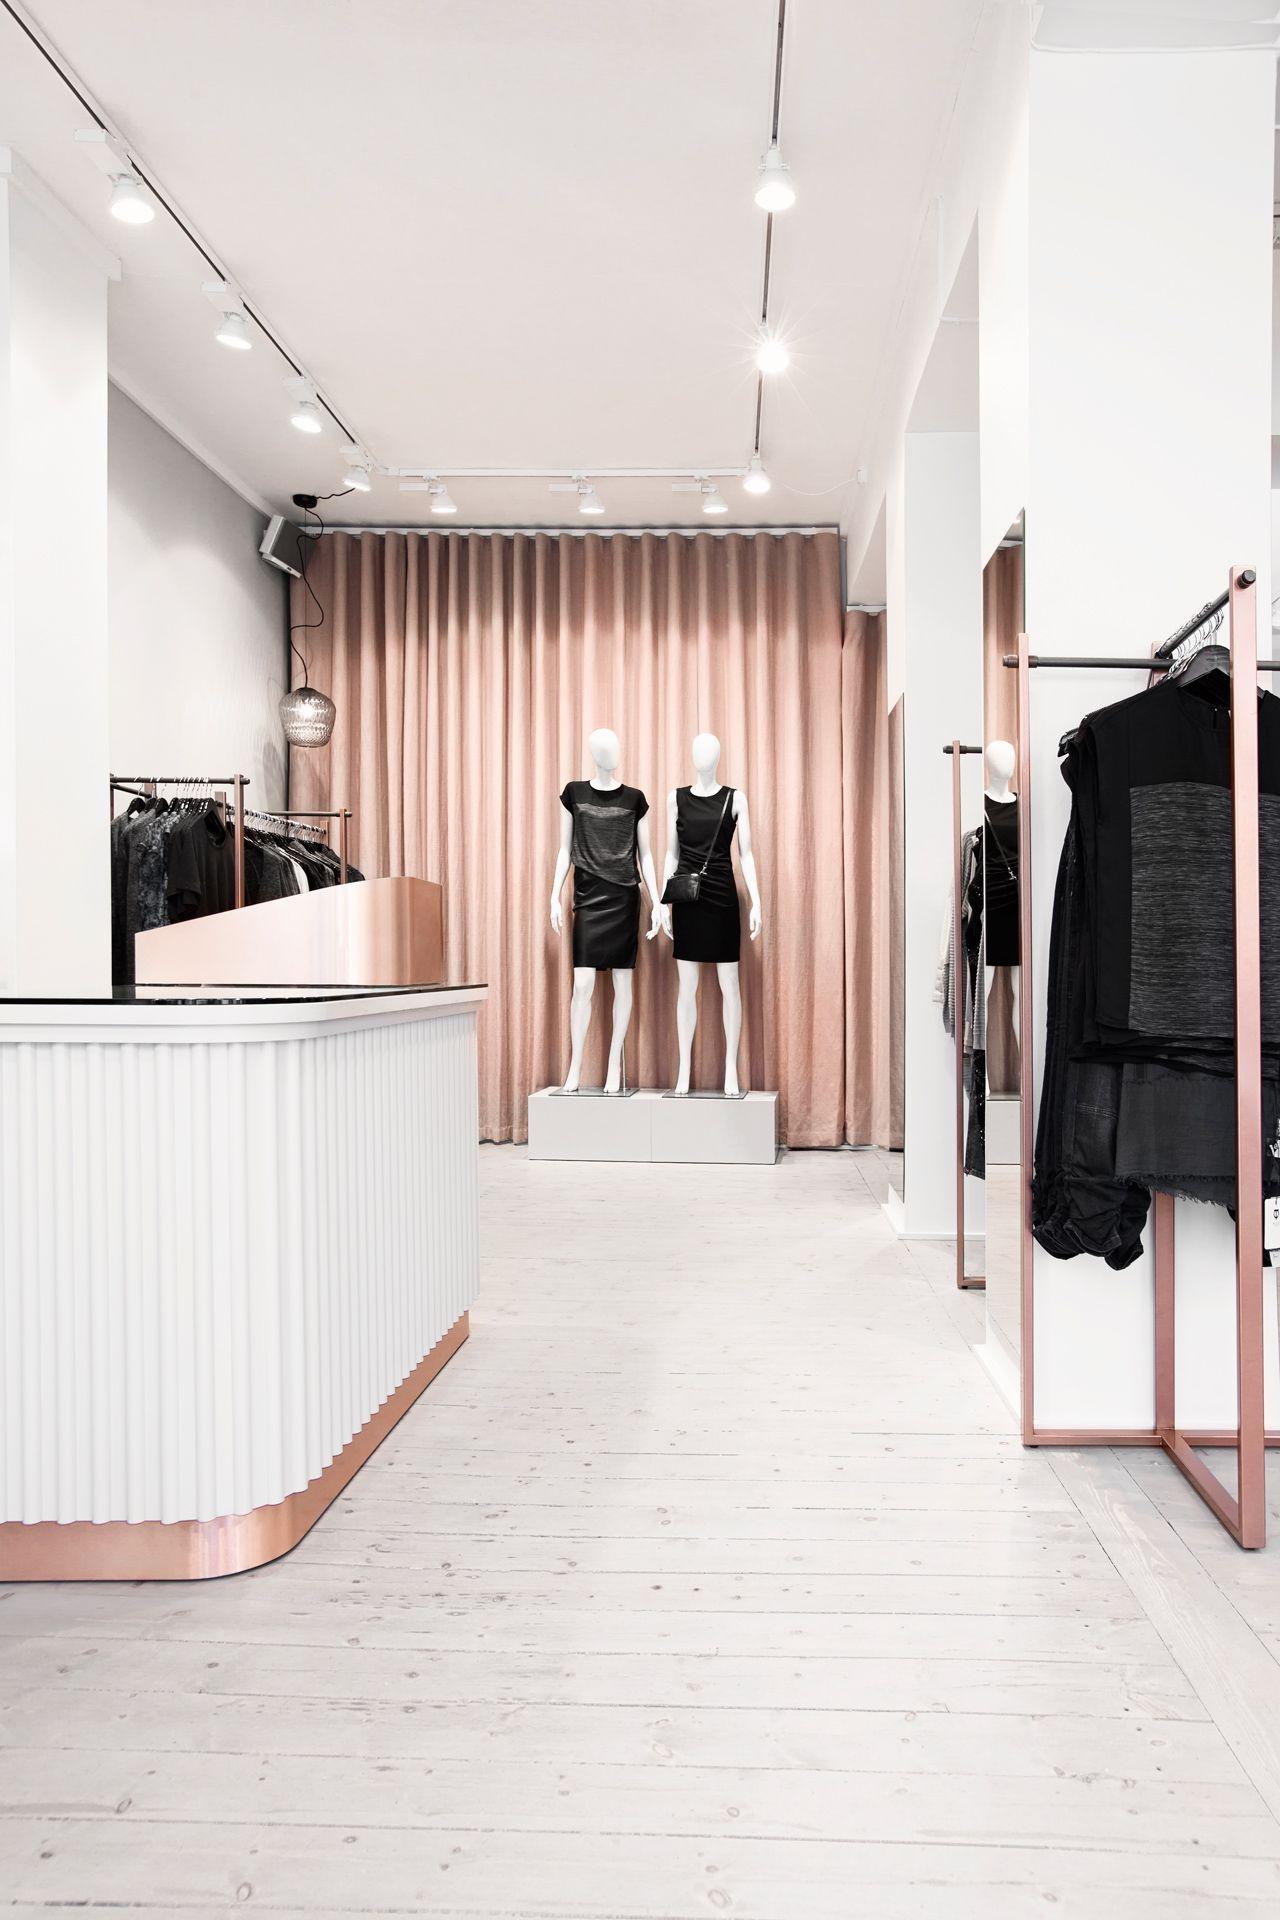 xu hướng thiết kế shop